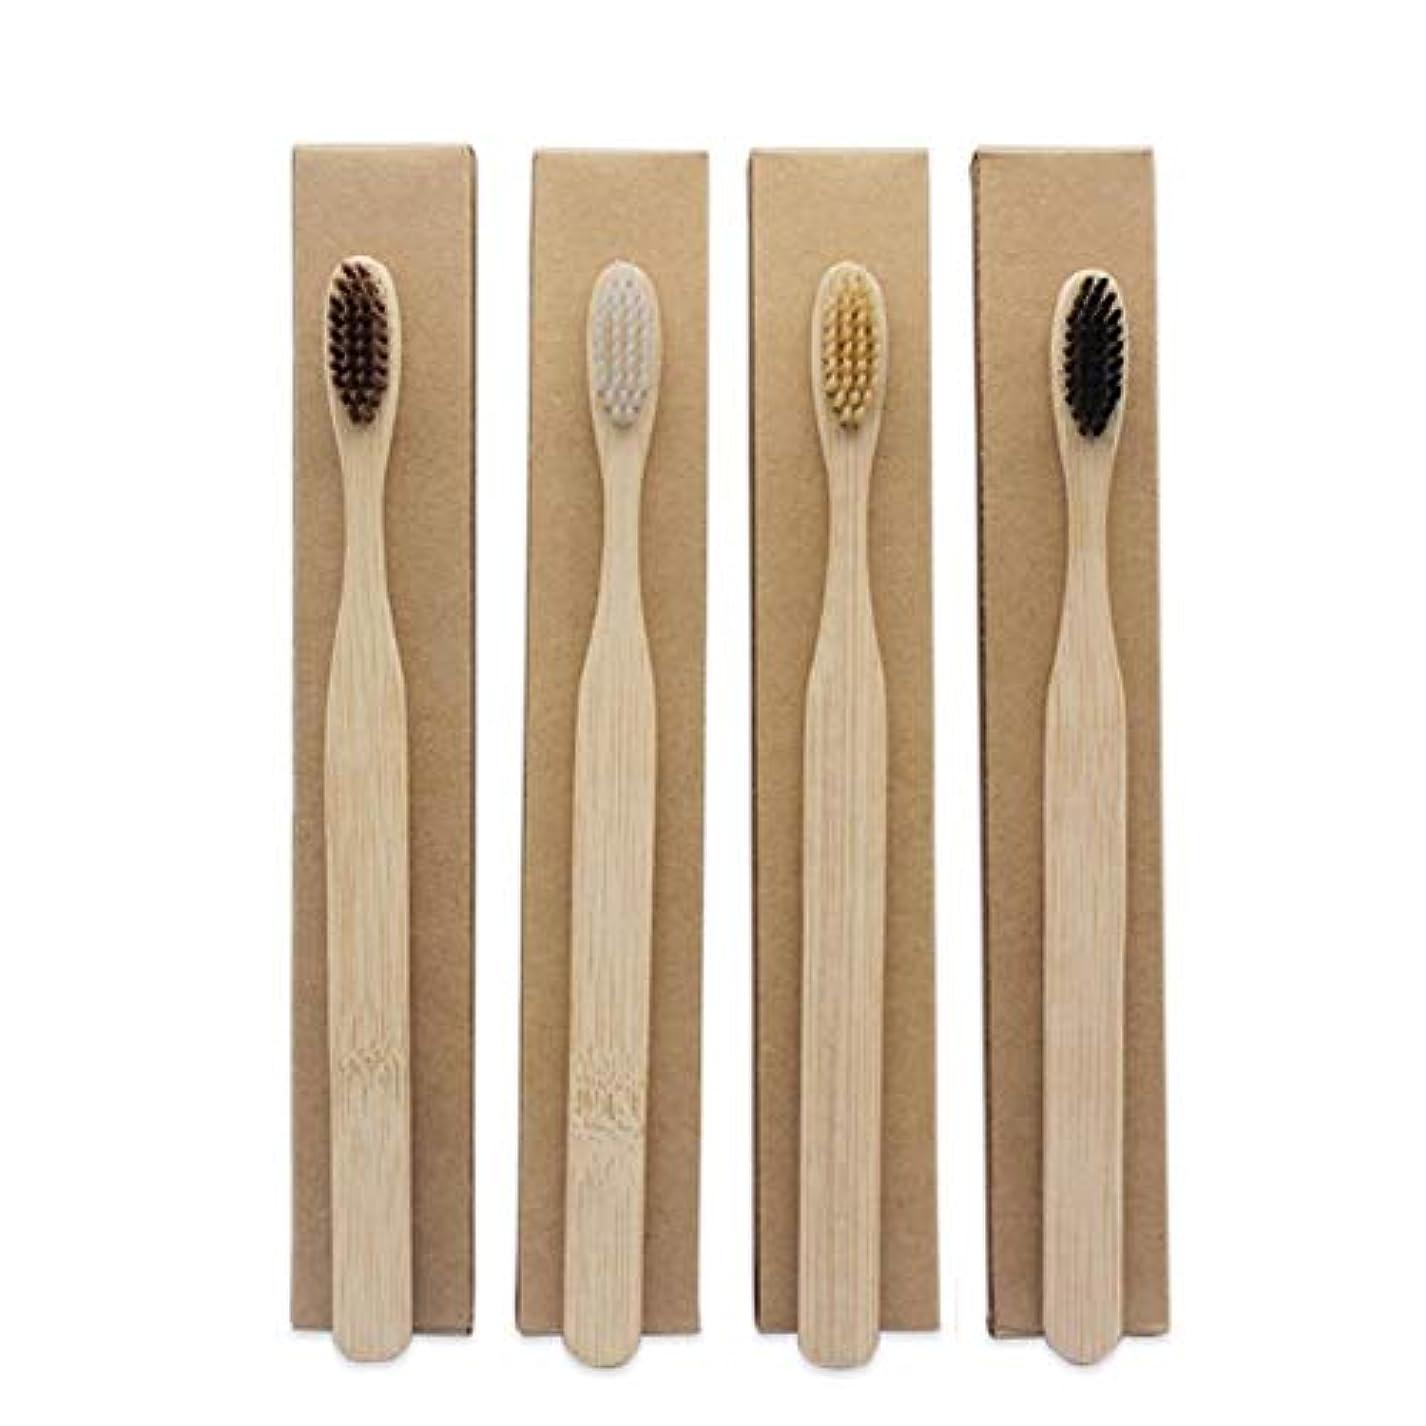 せっかちメンダシティきらめく1st market プレミアム品質竹歯ブラシオーラルケアエコソフトパック4個